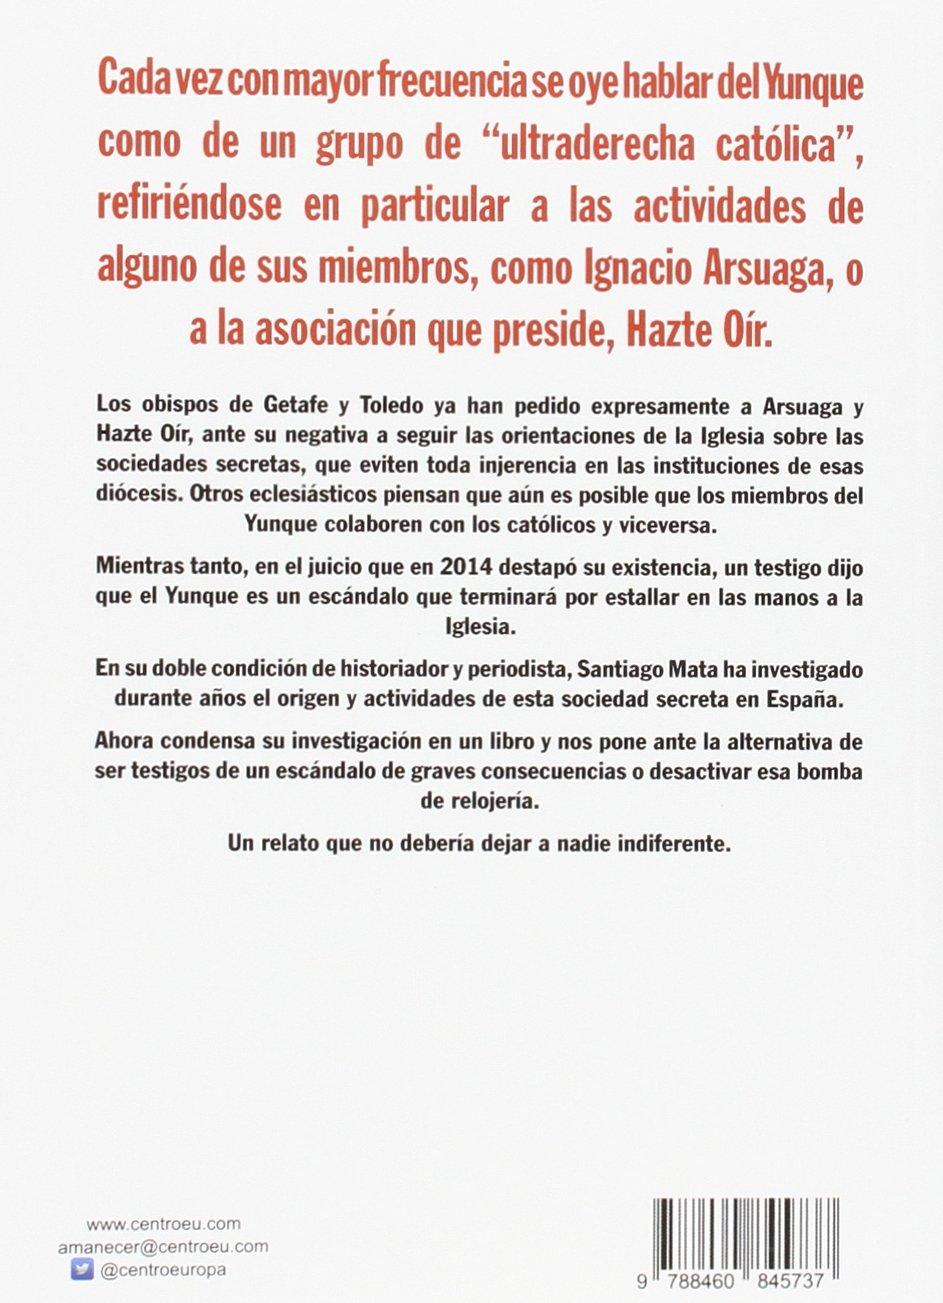 El yunque en España : la sociedad secreta que divide a los católicos: Amazon.es: Mata Alonso-Lasheras, Santiago: Libros